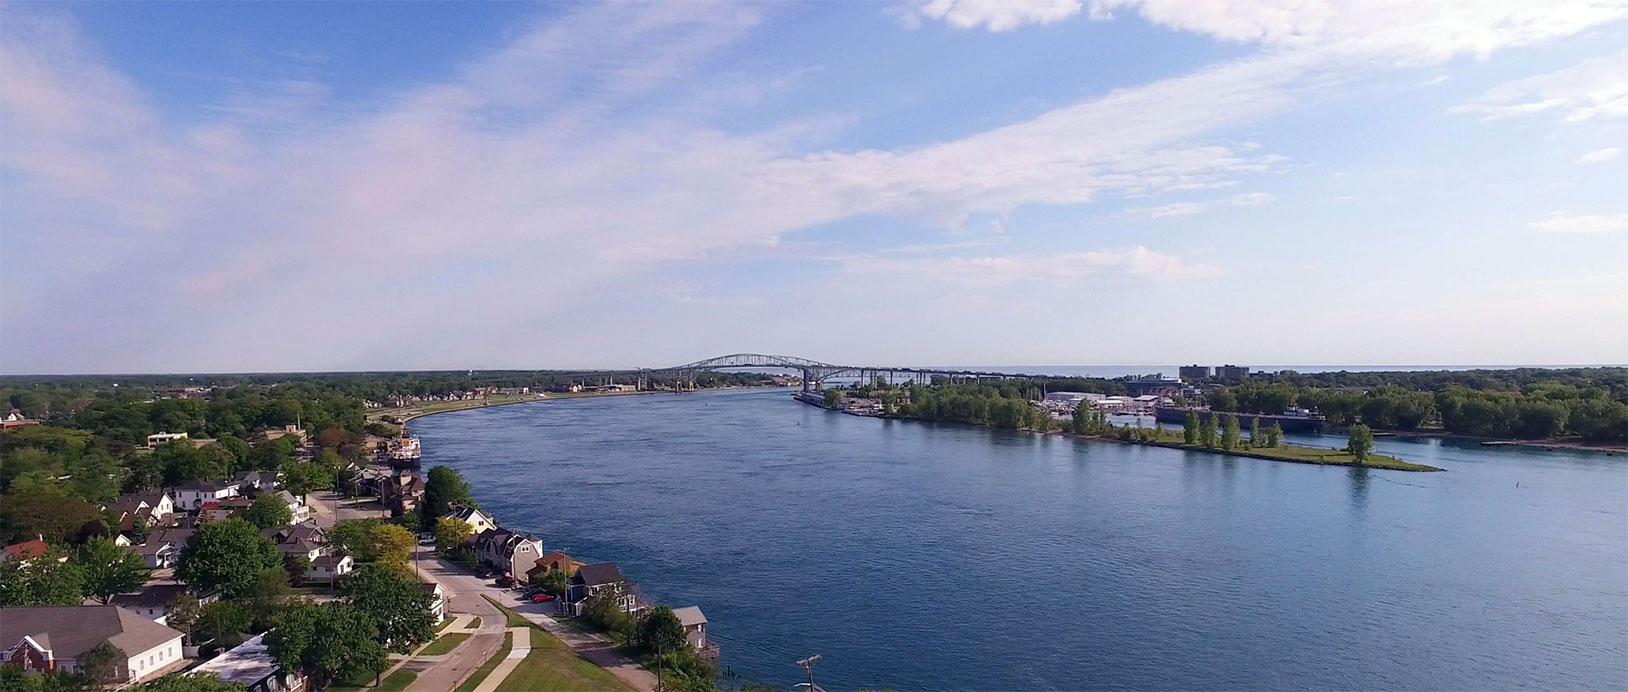 Unit-Bridge-View